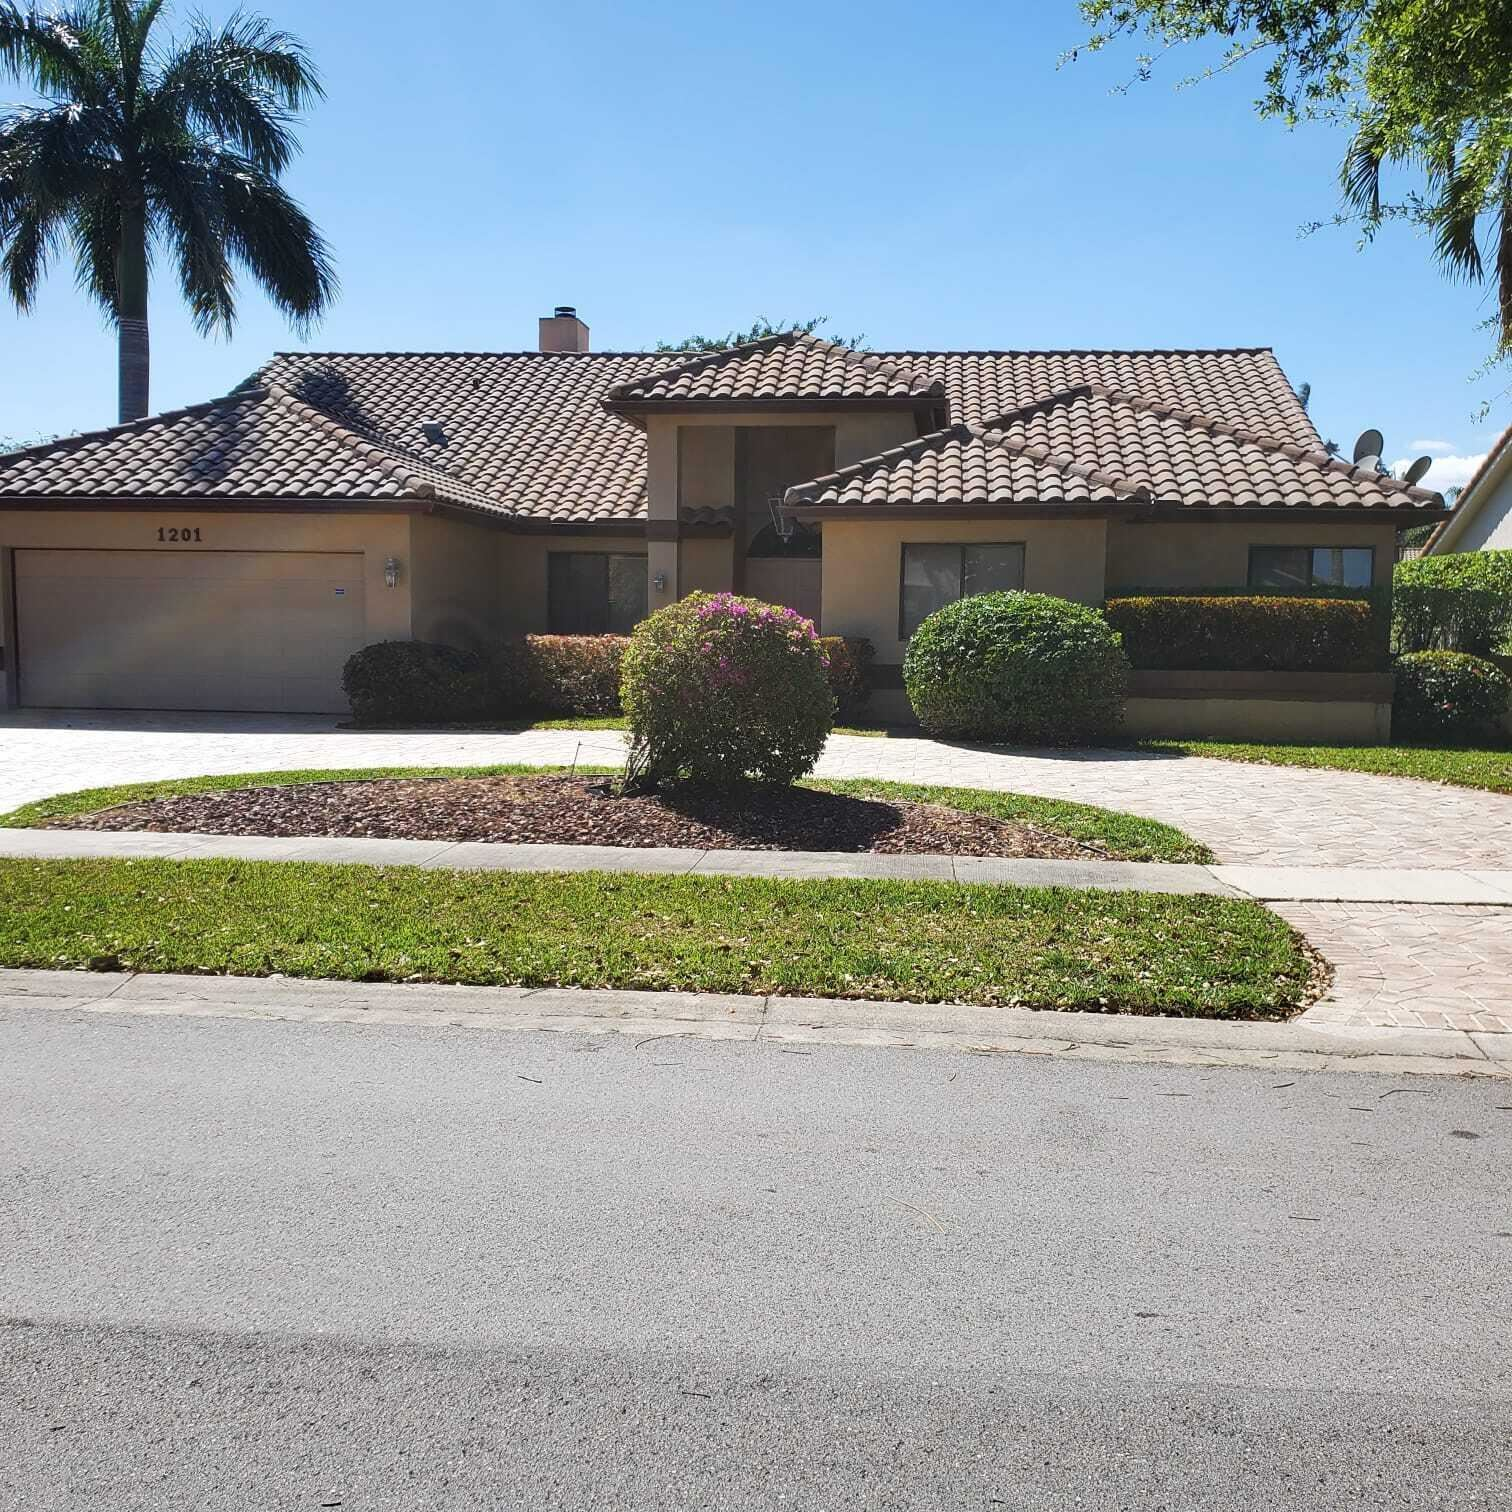 1201 NW 100th Way, Plantation, FL 33322 - MLS#: RX-10721070